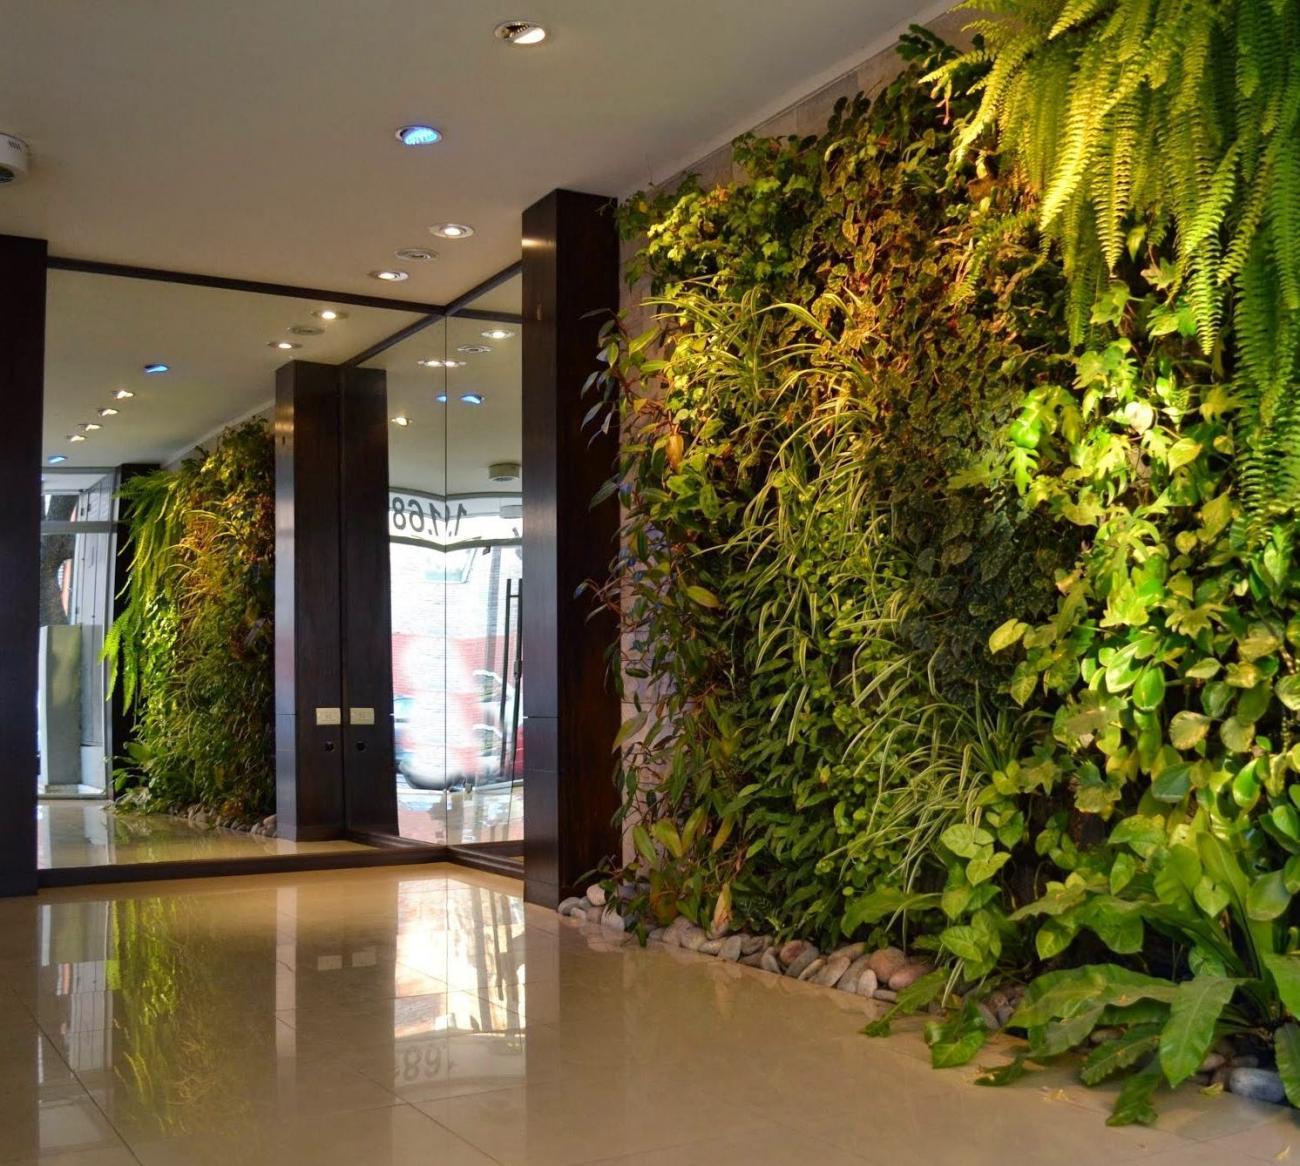 Jardines verticales interior archivos singulargreen - Jardines verticales interior ...